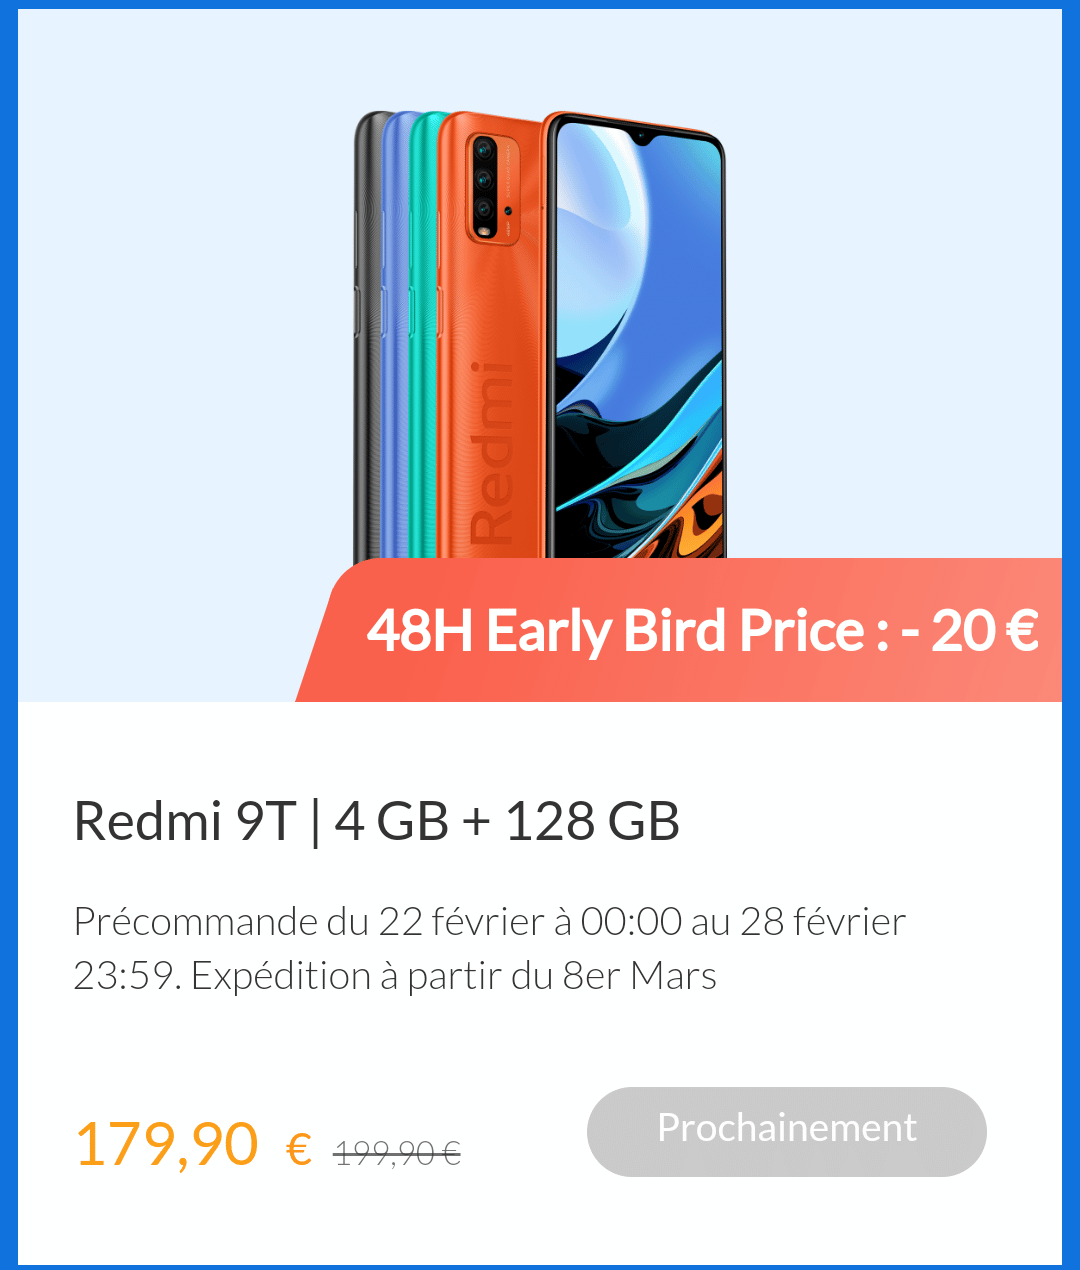 Redmi 9T, Bon plan – Redmi 9T 128 Go + de 20€ de réduction !